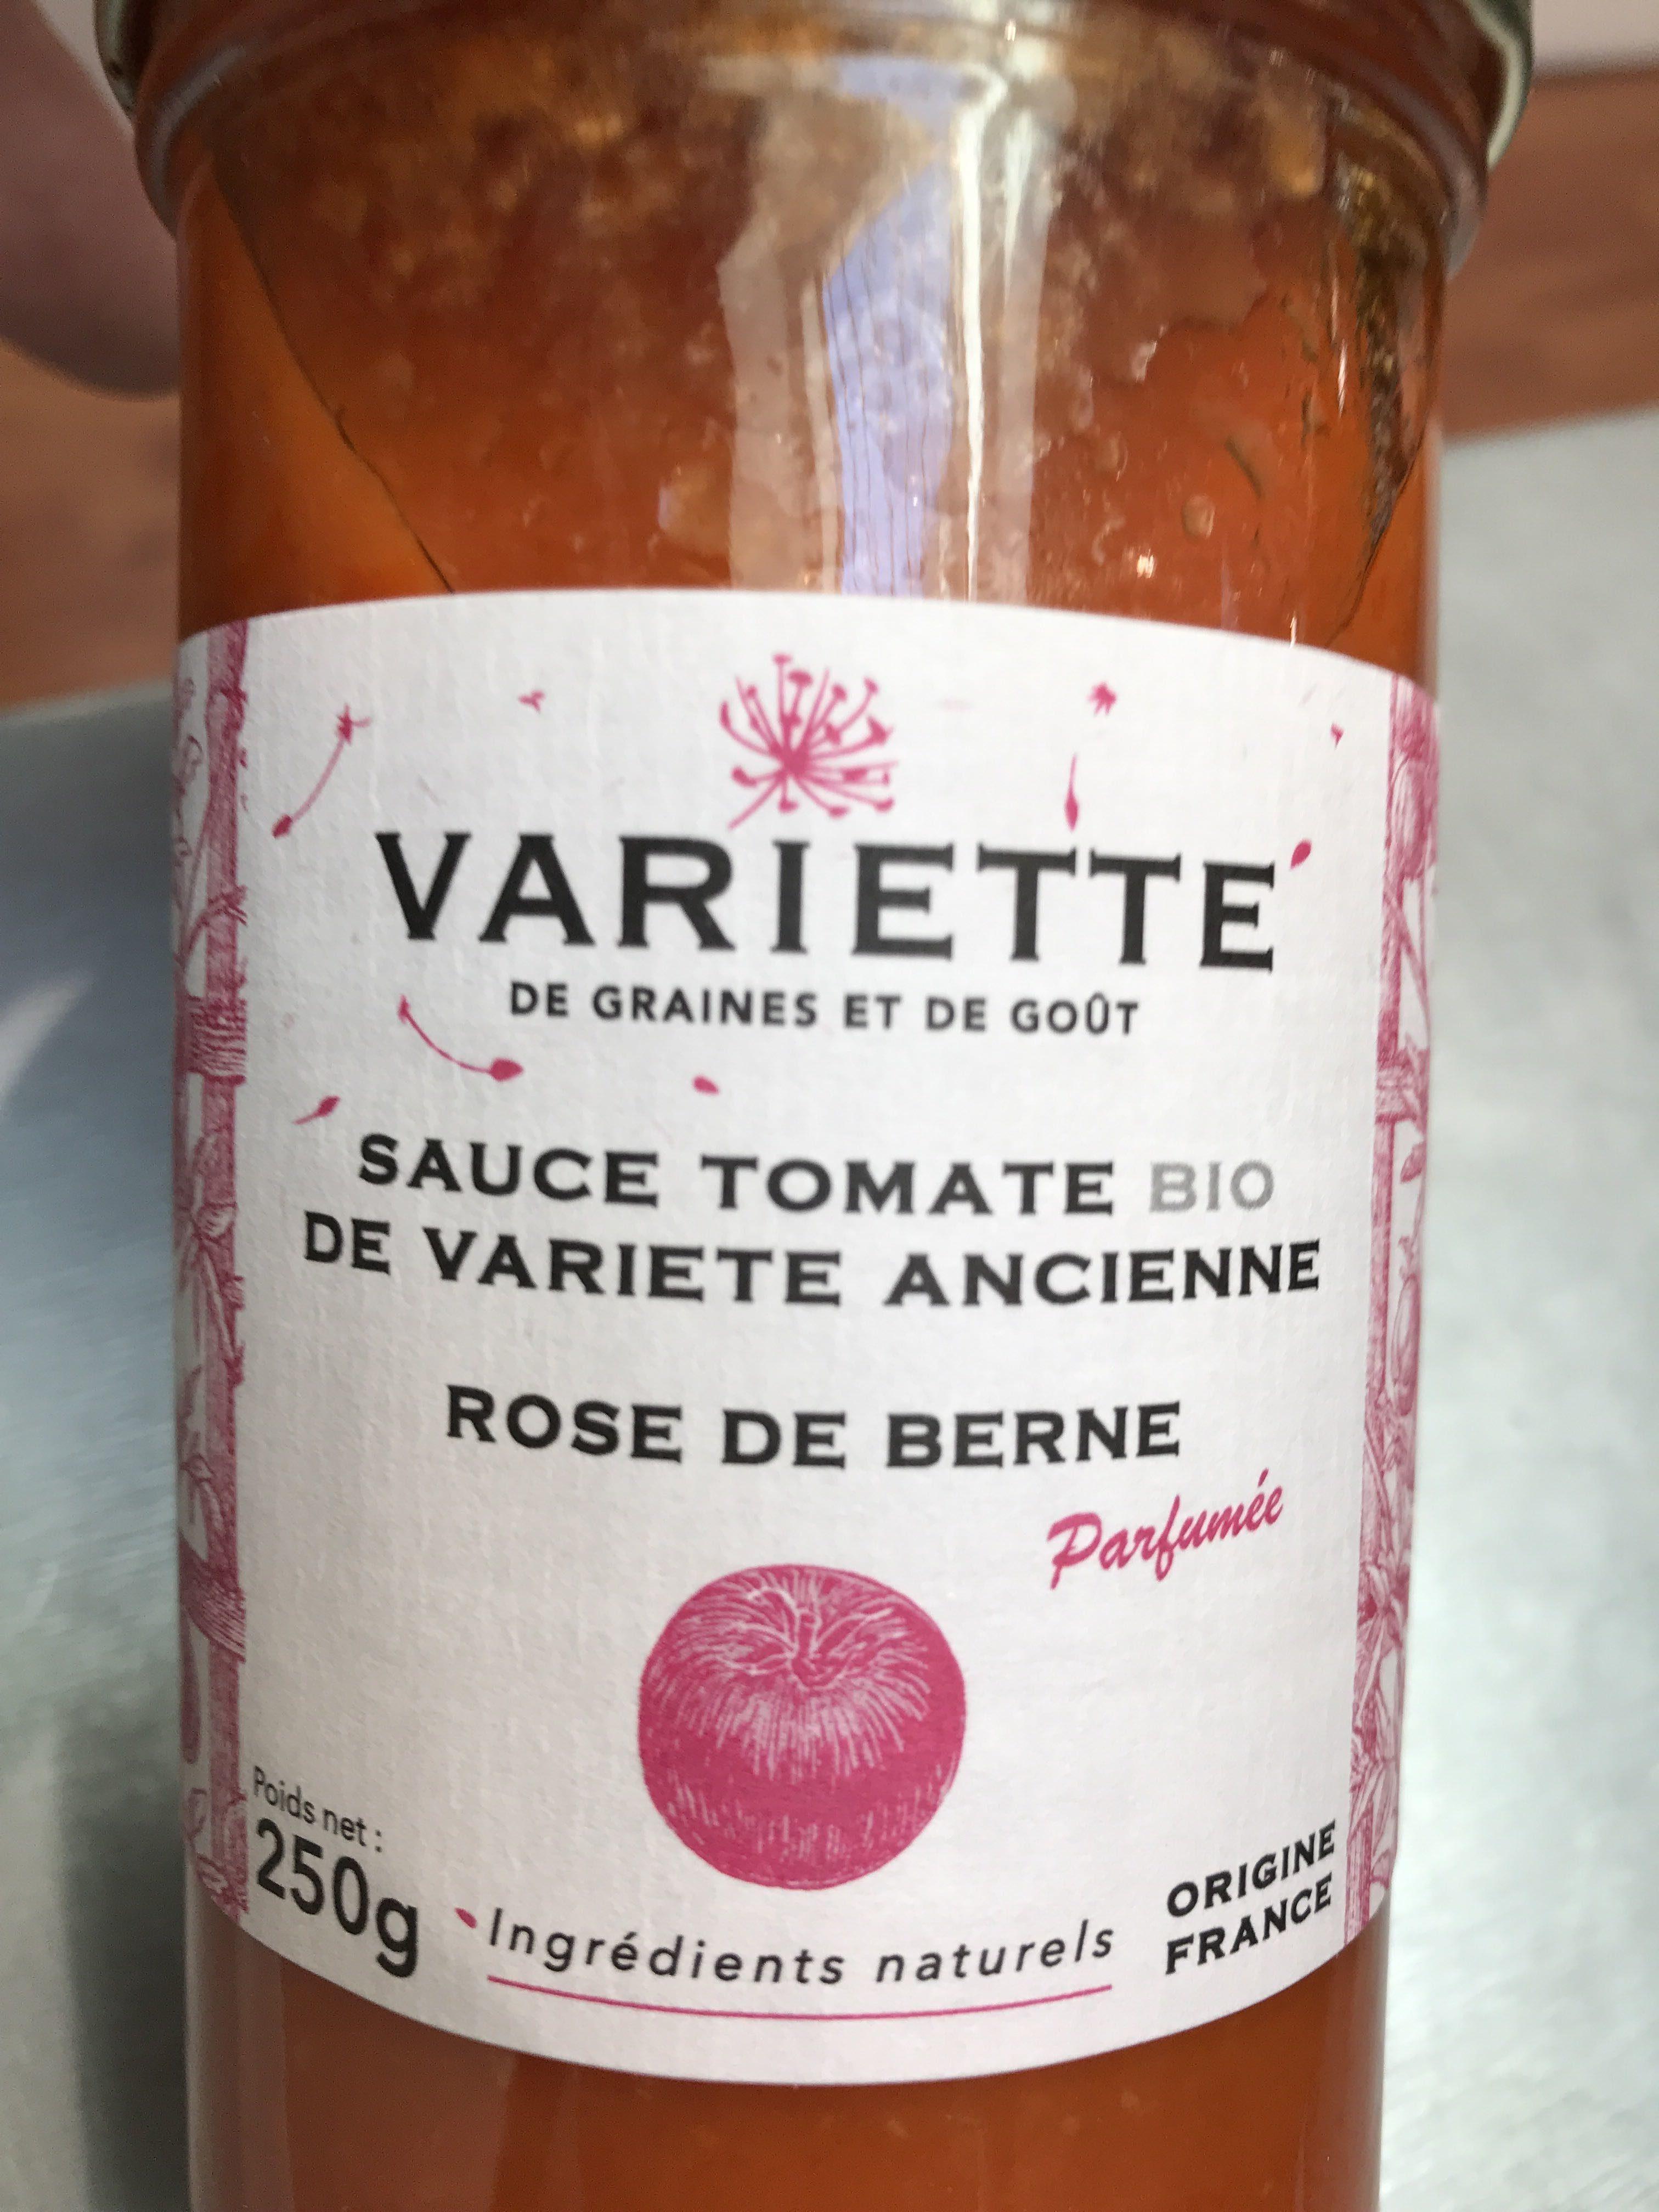 Sauce tomate bio de variété ancienne - Produit - fr